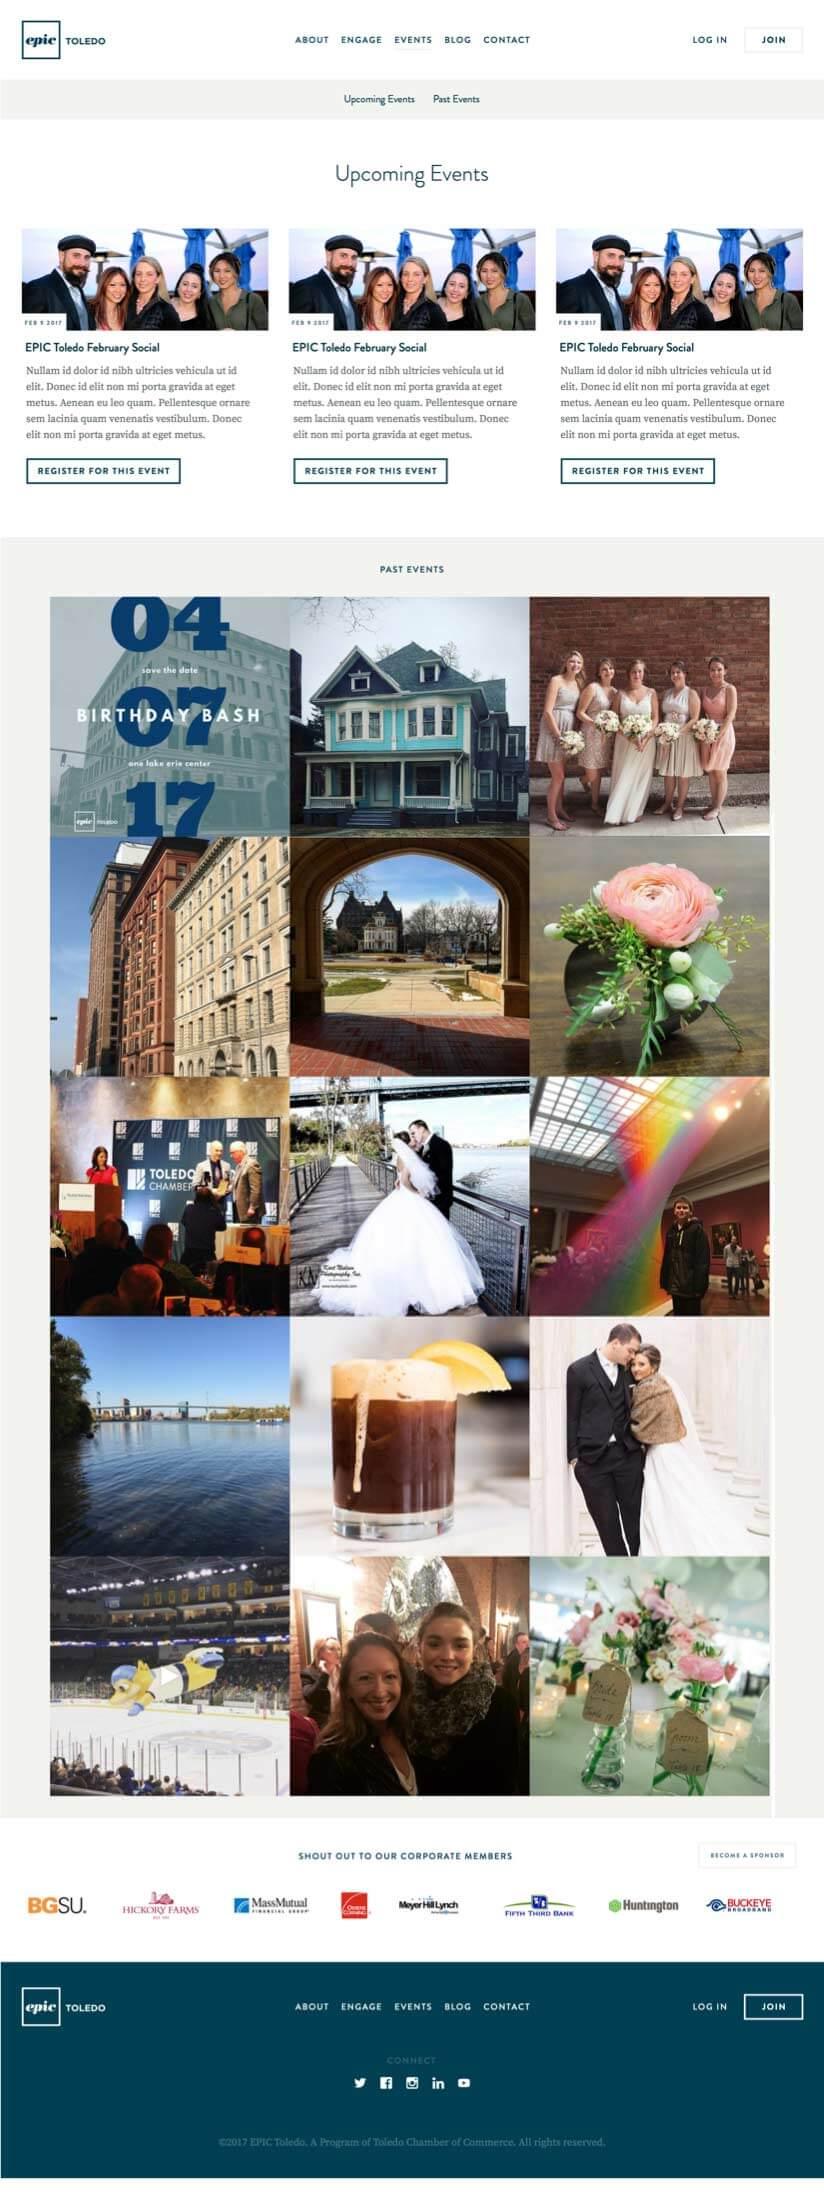 Epic Toledo Events Page Design Mock-Up